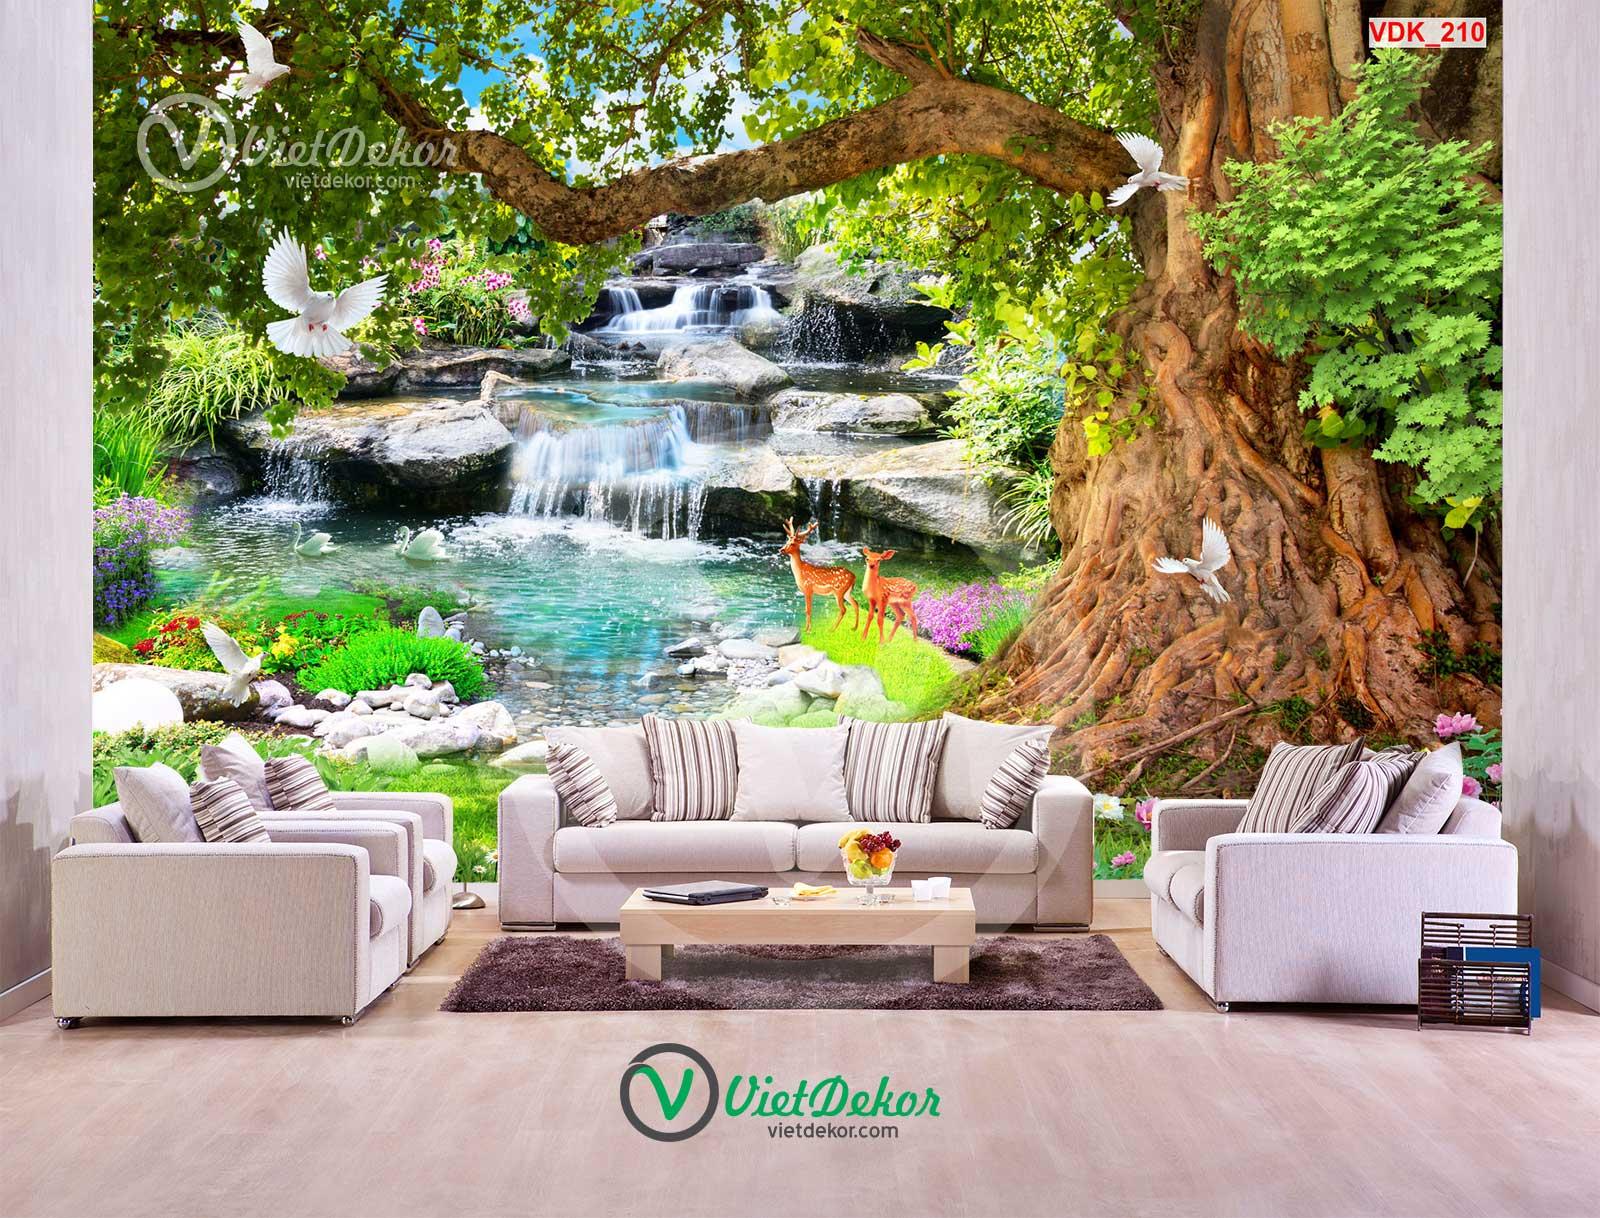 Tranh dán tường 3d thác nước cây lớn con cò